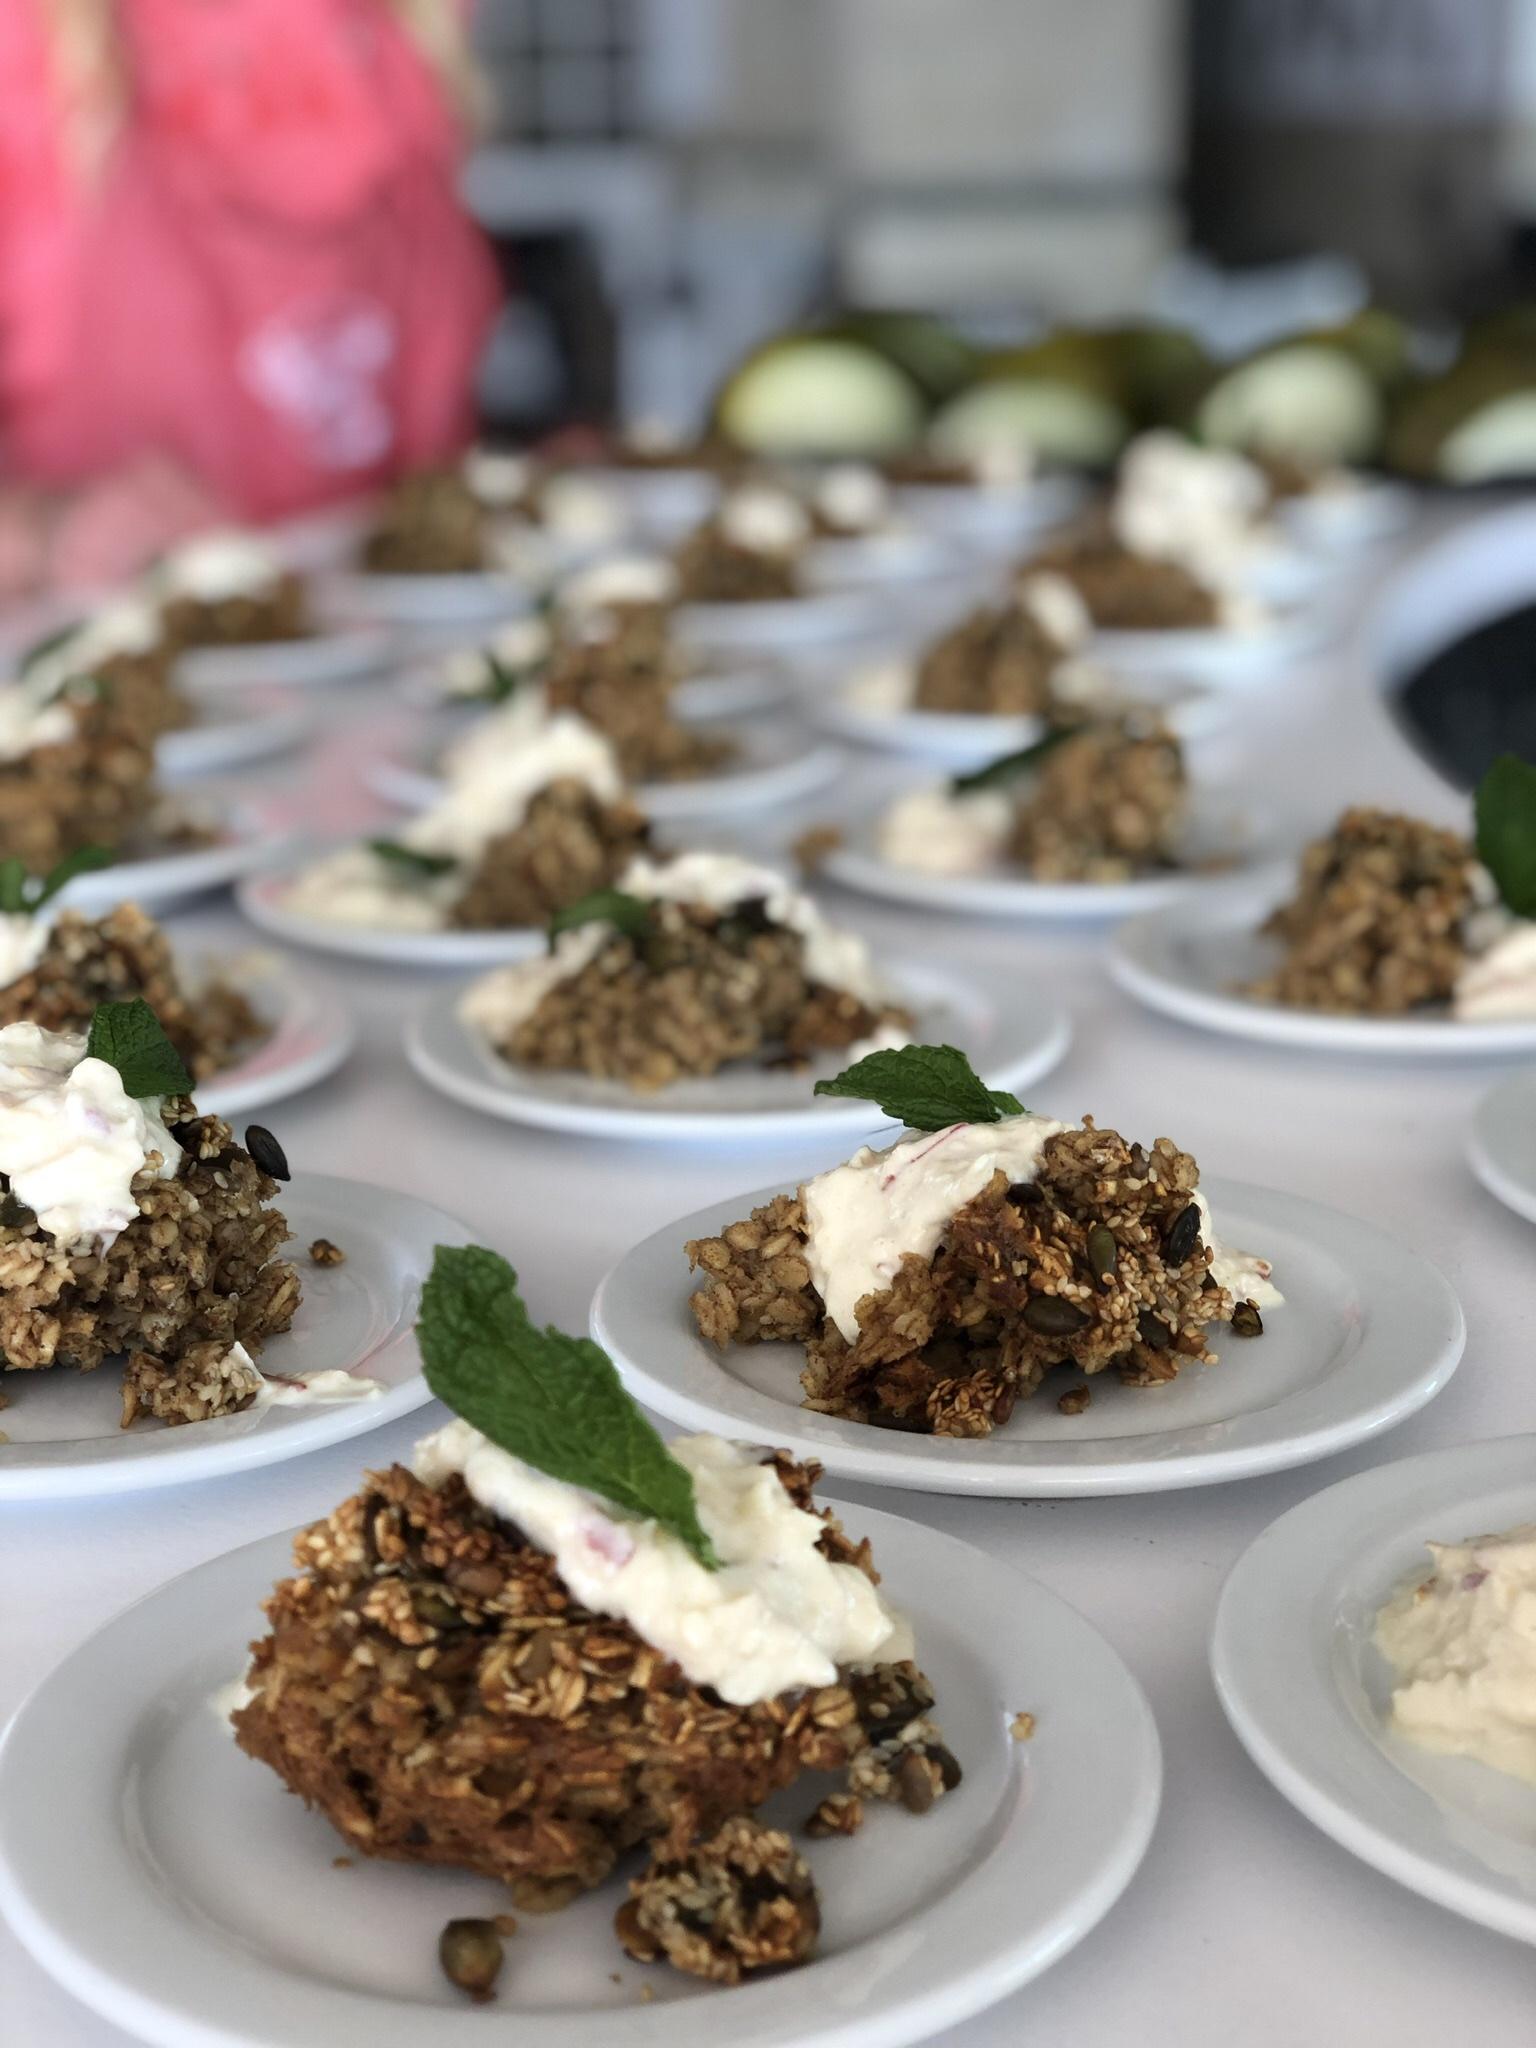 Bakad havrekaka med egenkryddad vaniljyoghurt och krispiga frön serverat efter ett corepass och innan ett danspass. -